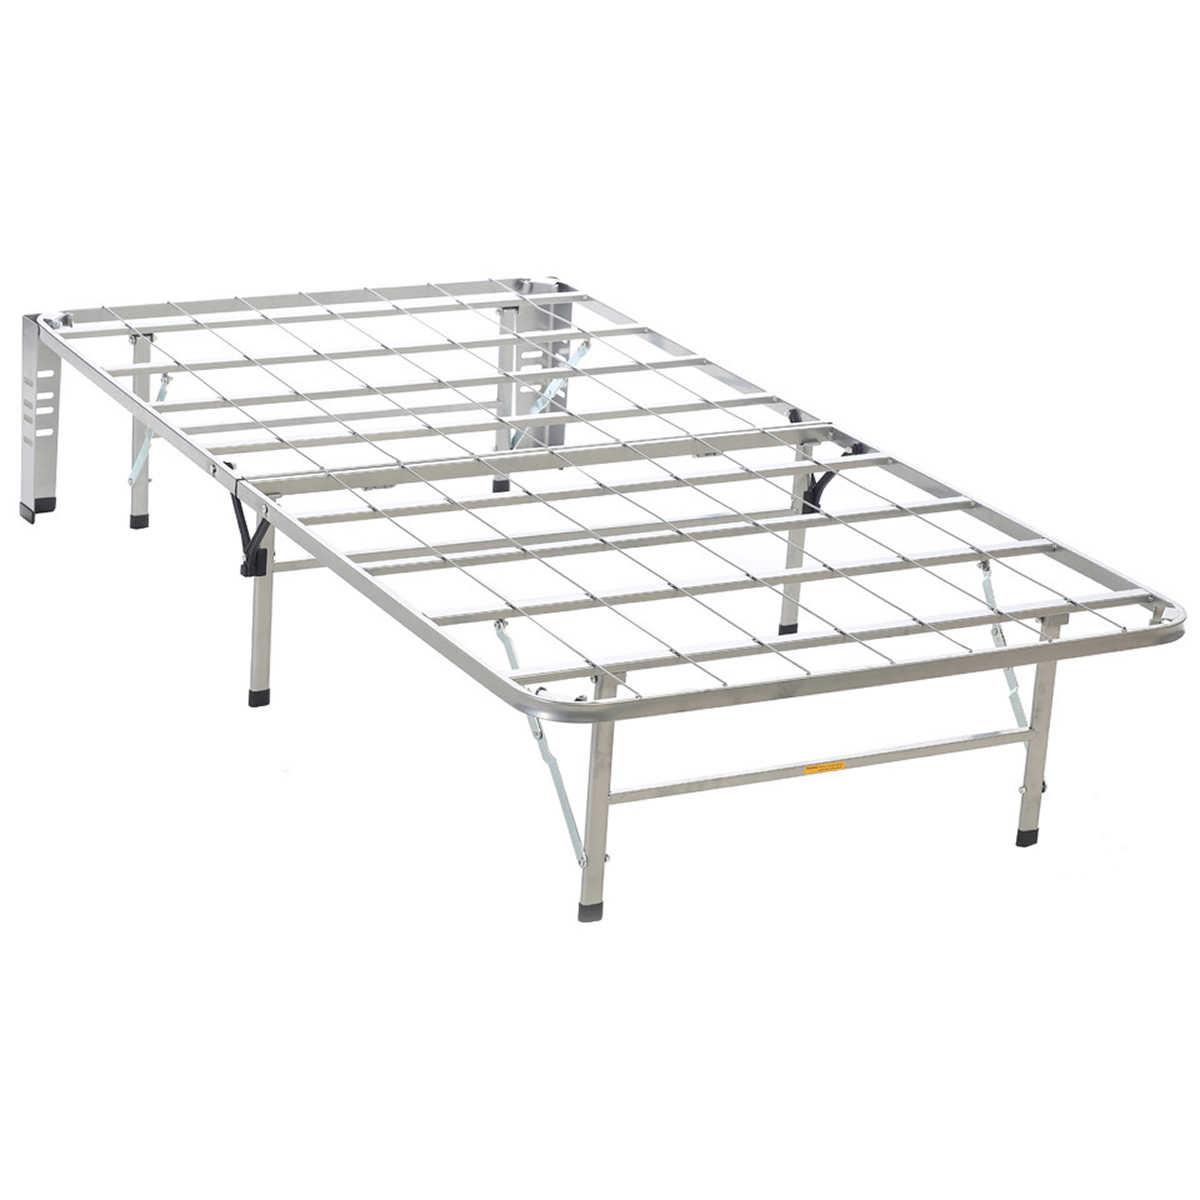 twin bedder base - Hollywood Bed Frames